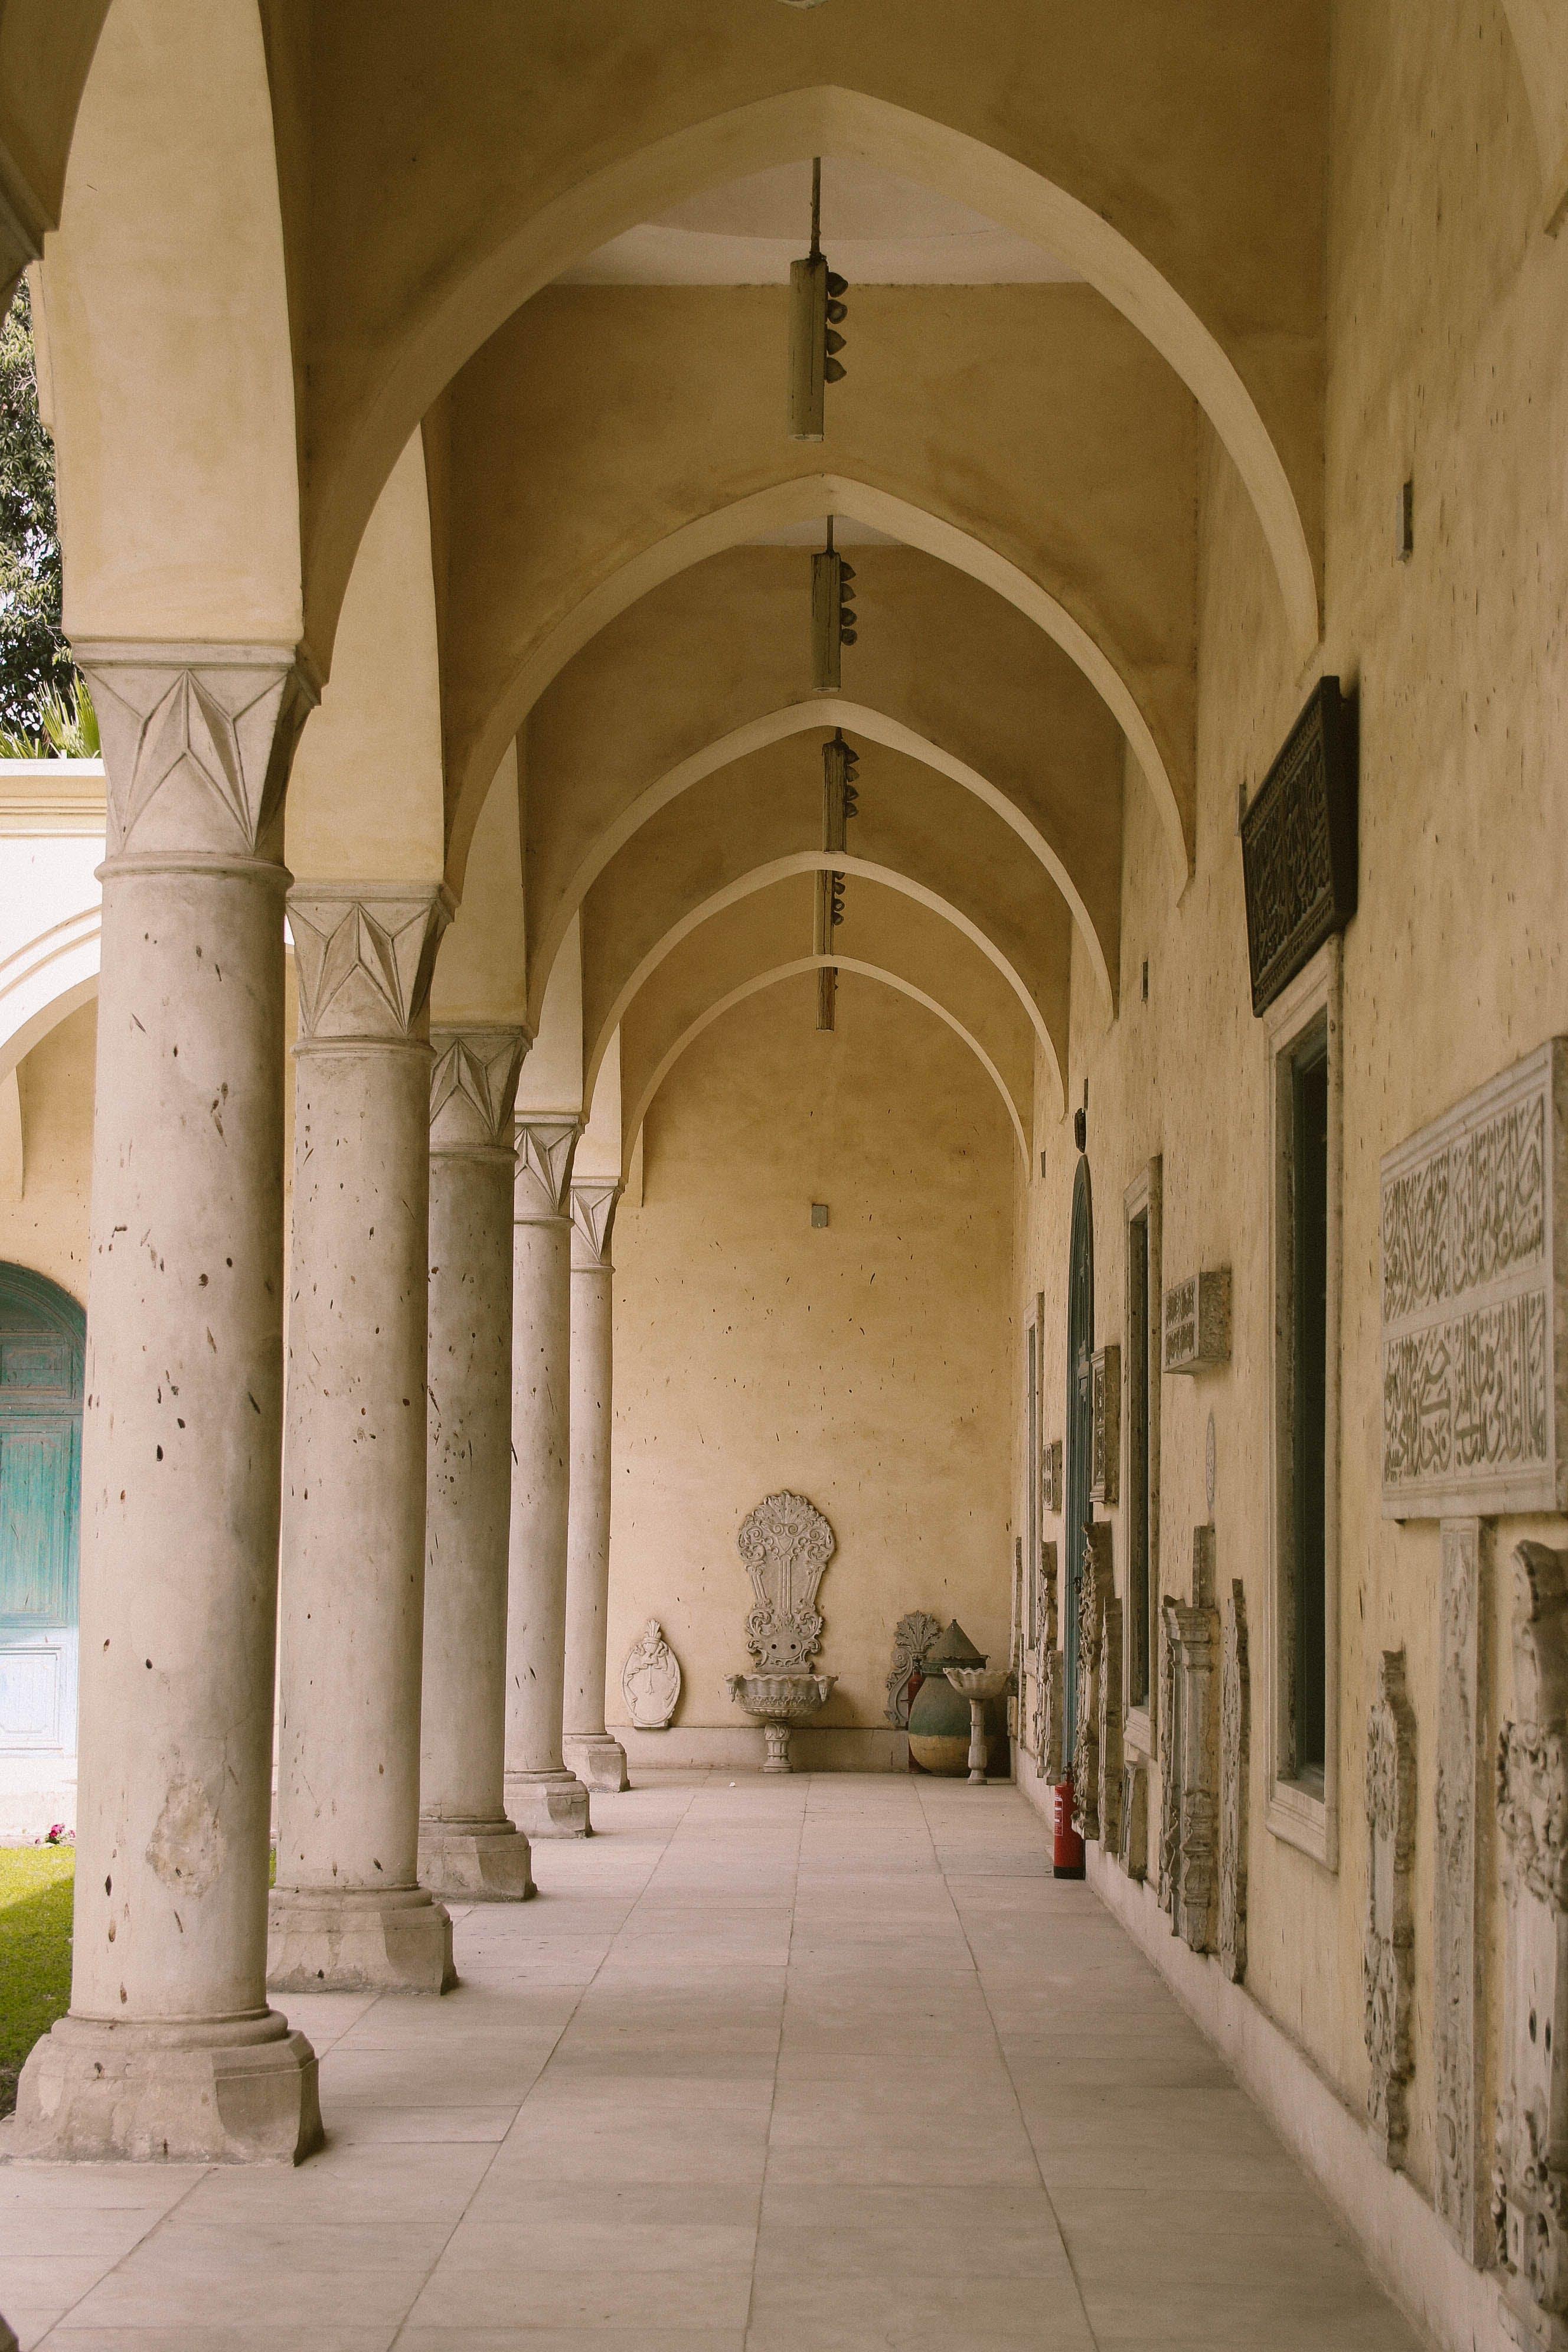 Foto profissional grátis de ancião, arcadas, arquitetura, arte